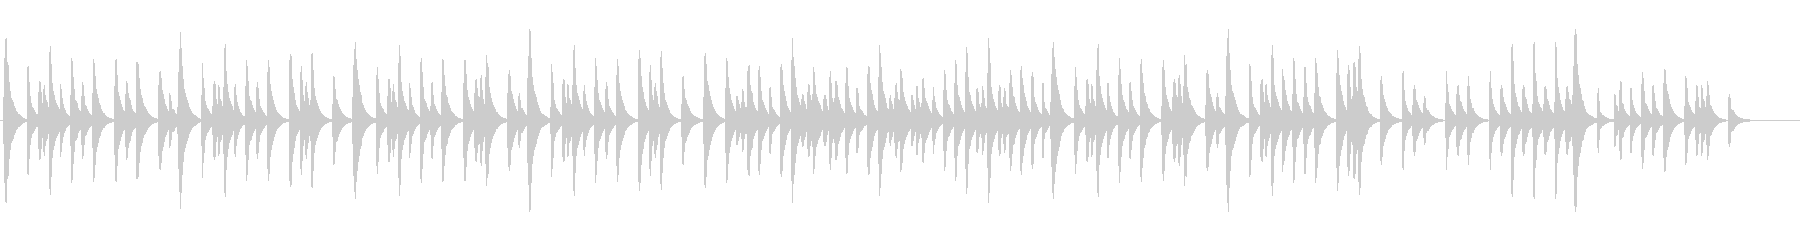 メンデルスゾーン「結婚行進曲」オルゴールの未再生の波形